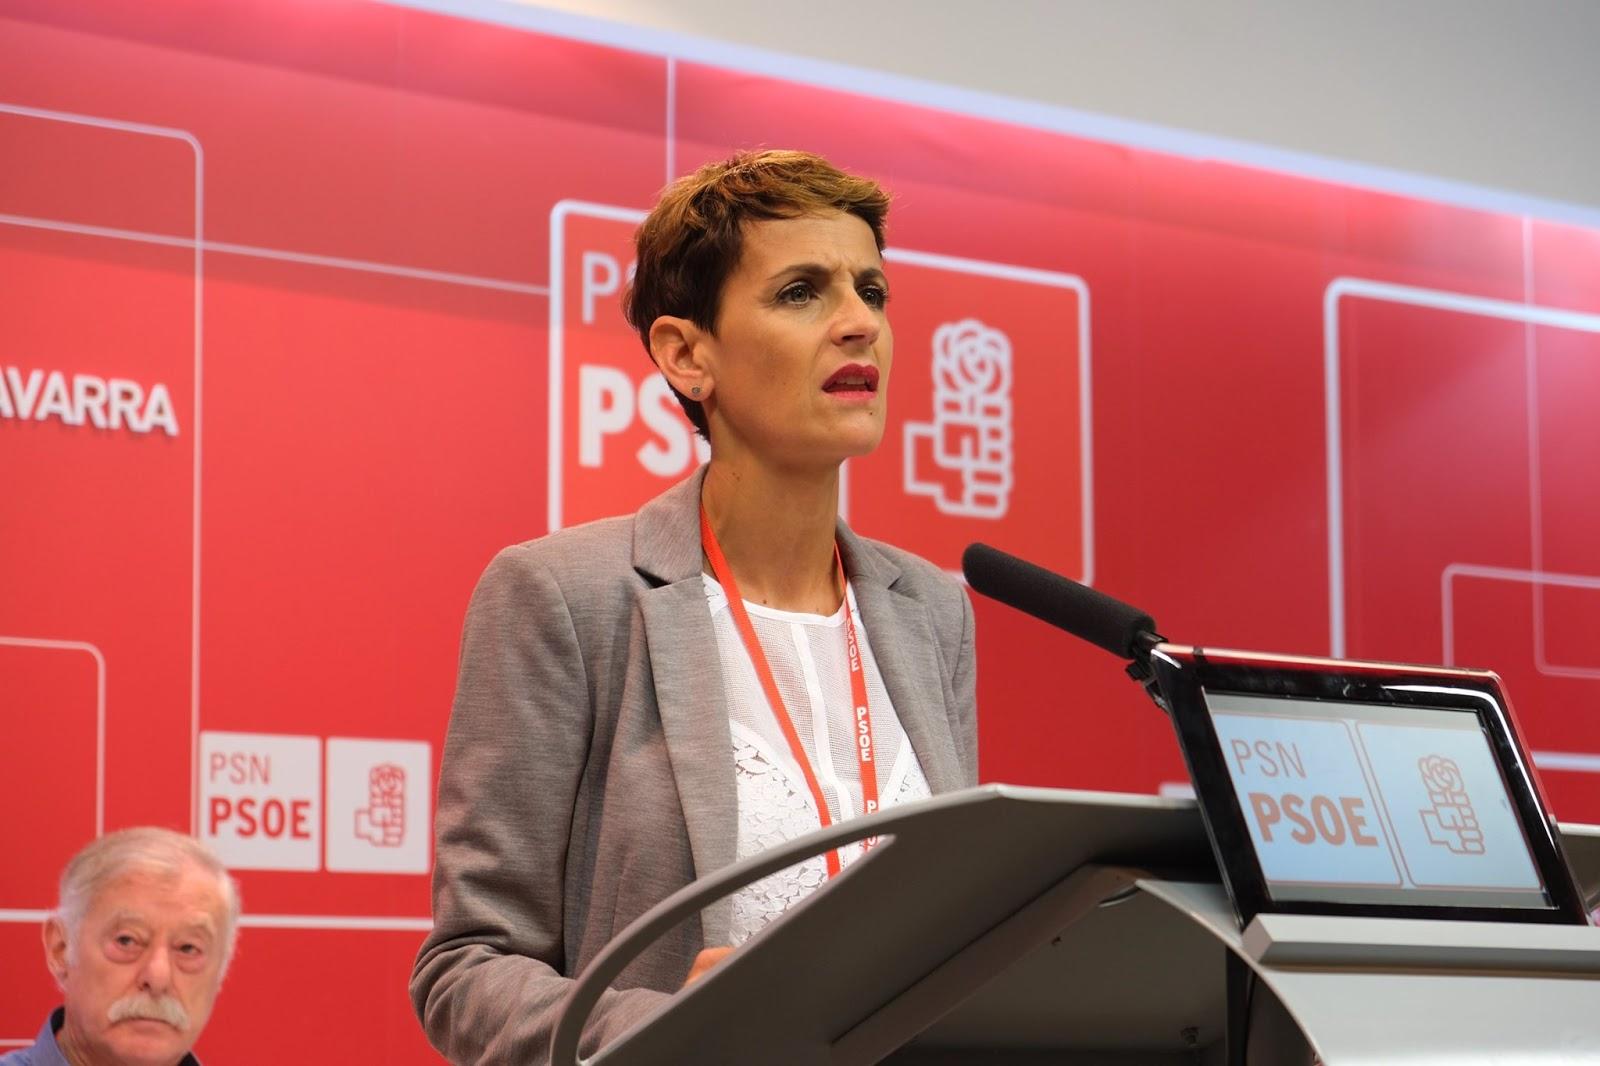 El PSN-PSOE muestra su satisfacción con la gestión de los primeros 100 días del Gobierno Progresista de Navarra